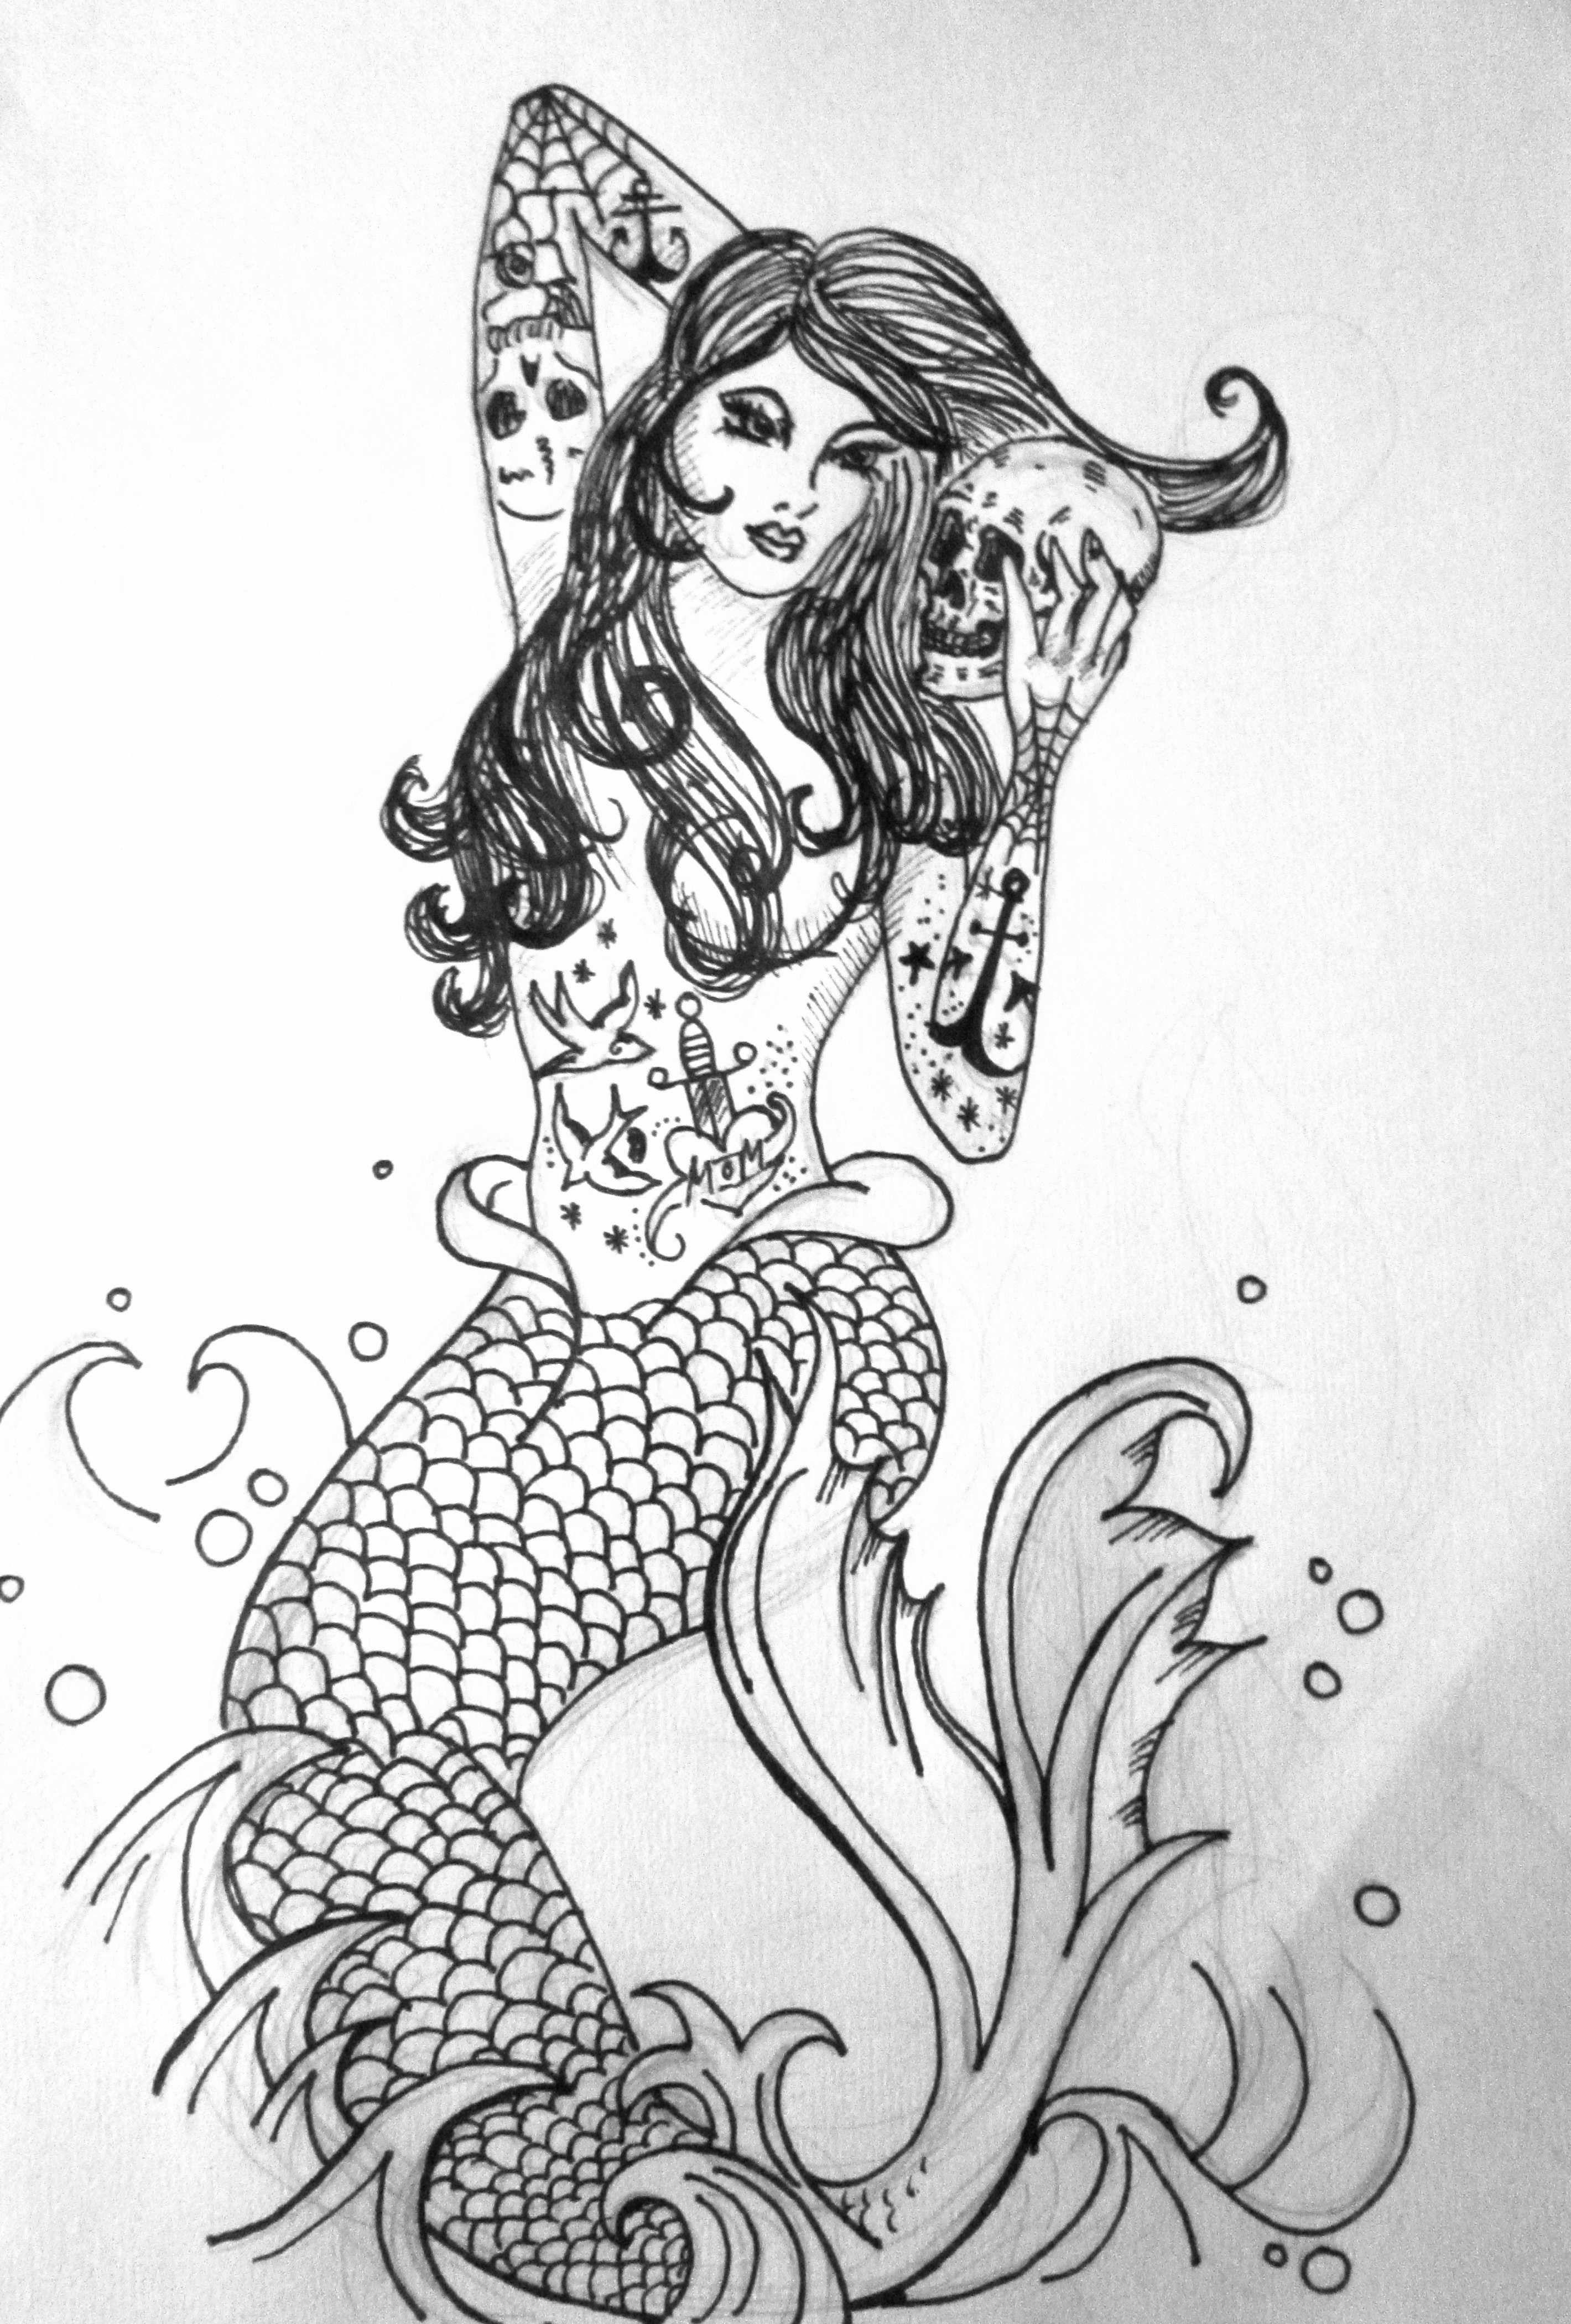 Mermaid with Skull | Mermaid drawings, Sketch inspiration ...